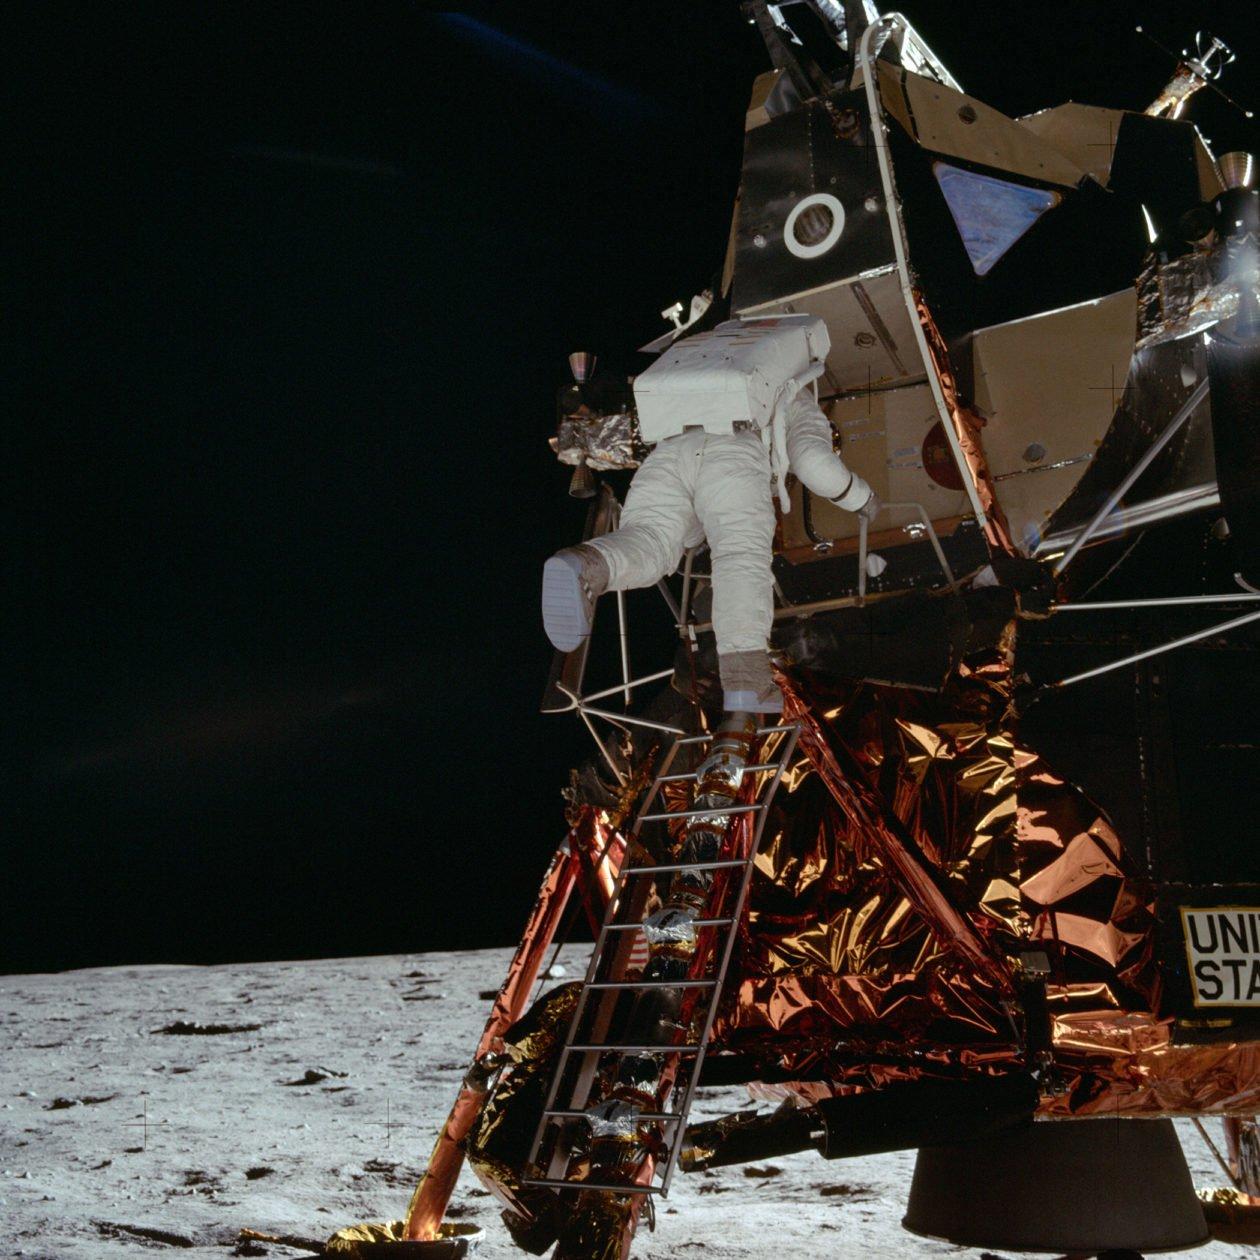 Buzz Aldrin opuszczający księżycowy łazik - 20.07.1969 / foto: NASA